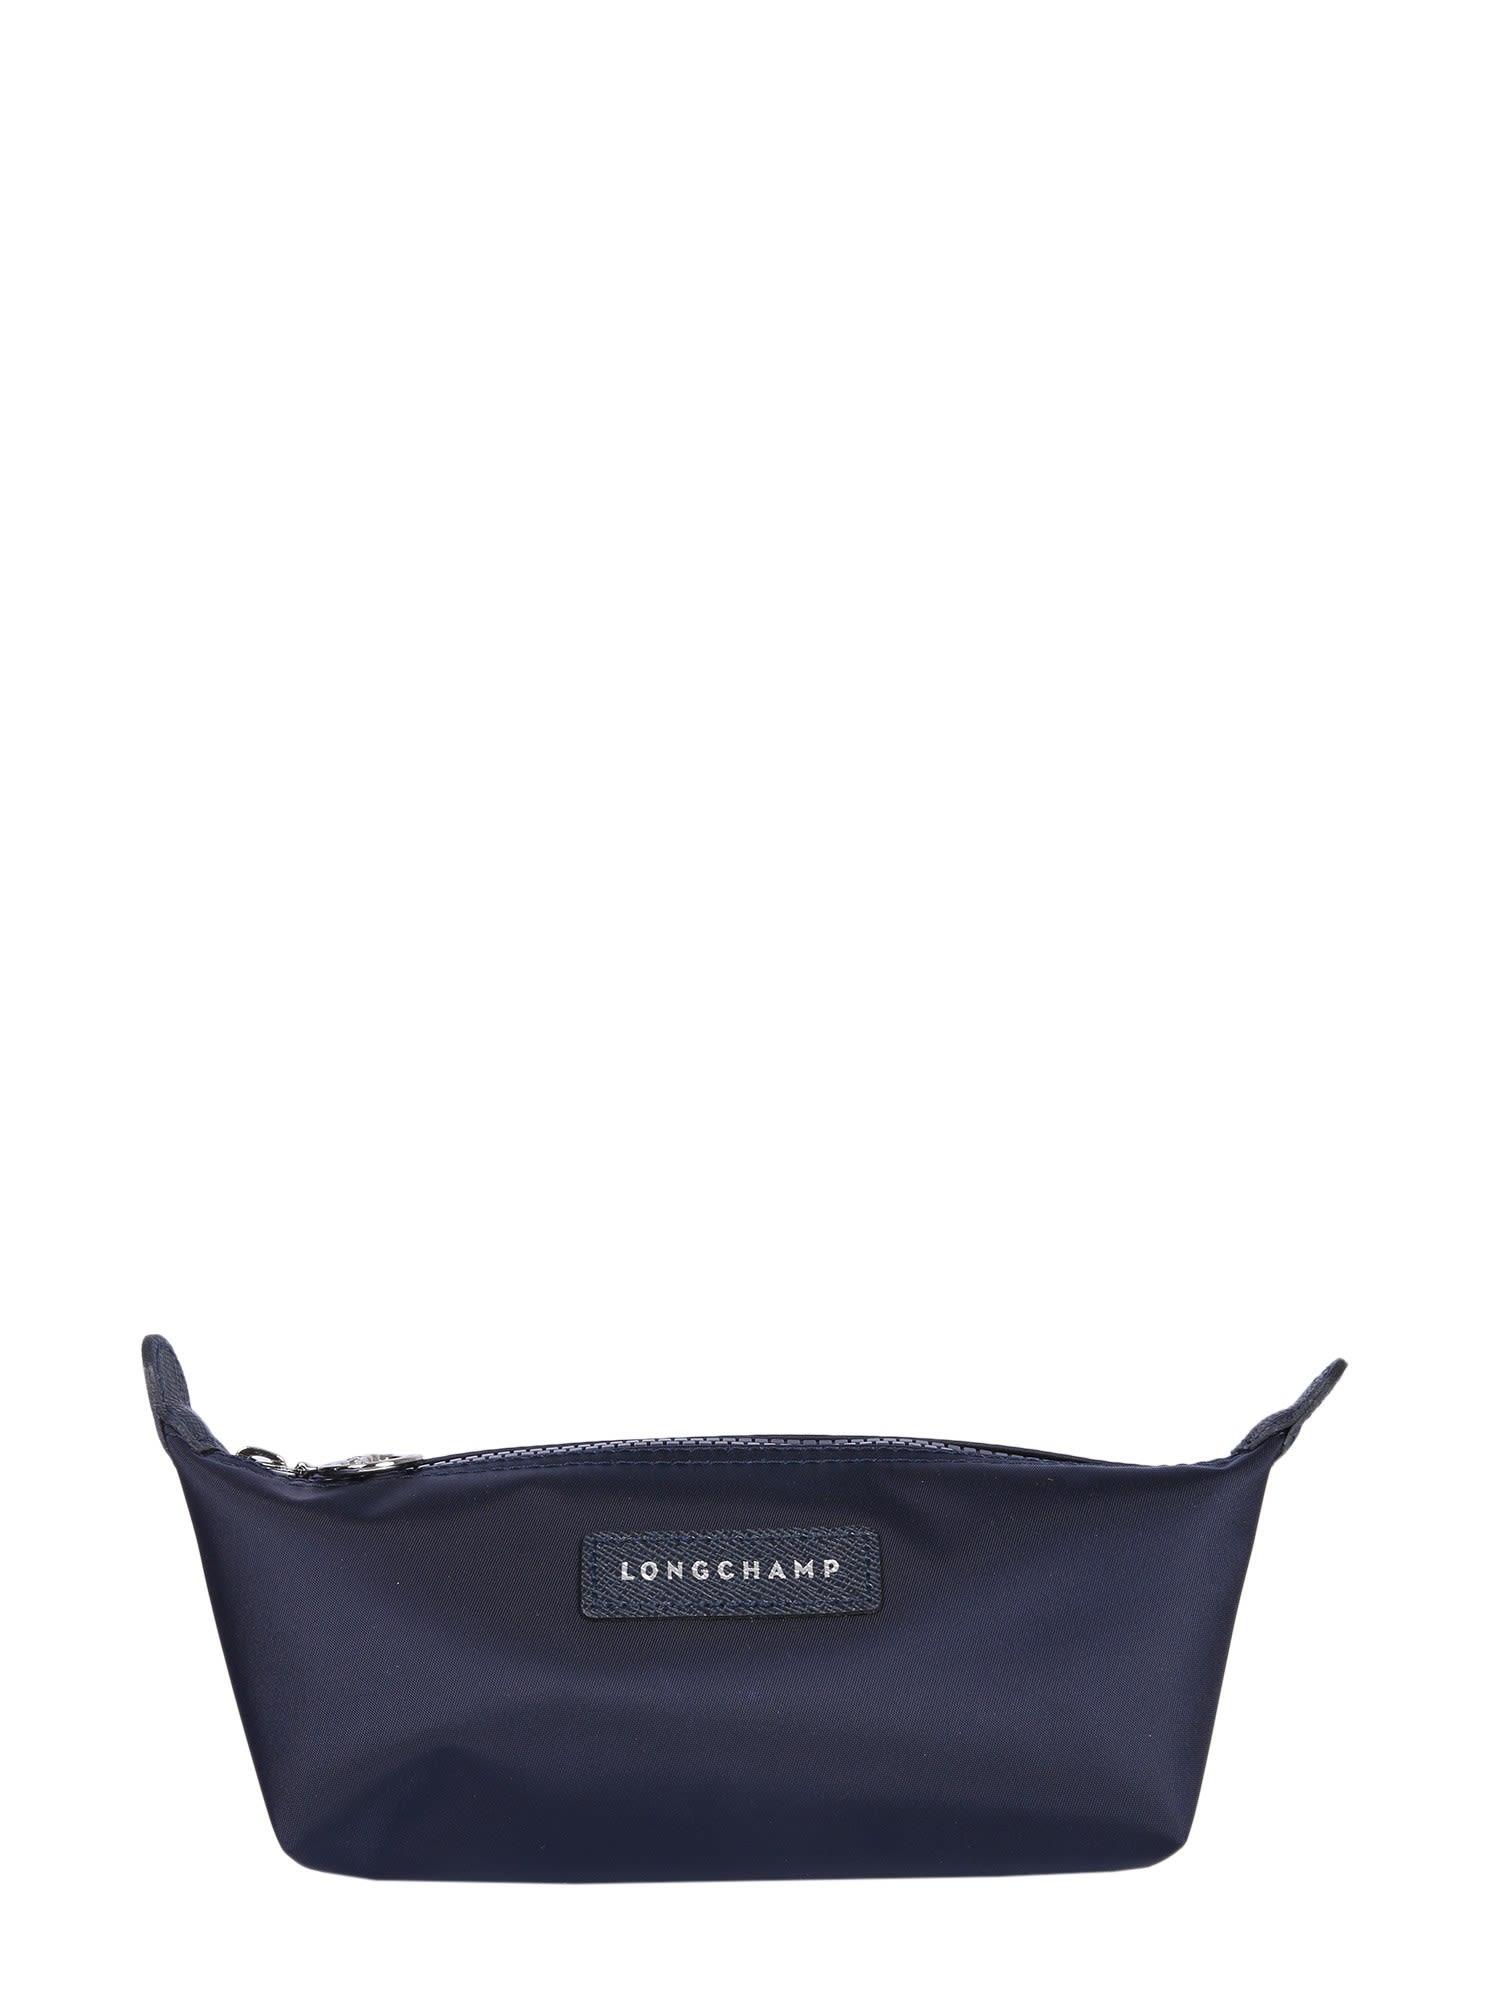 Longchamp Le Pliage NÉO Pouch In Blu  44ccf2c728de7